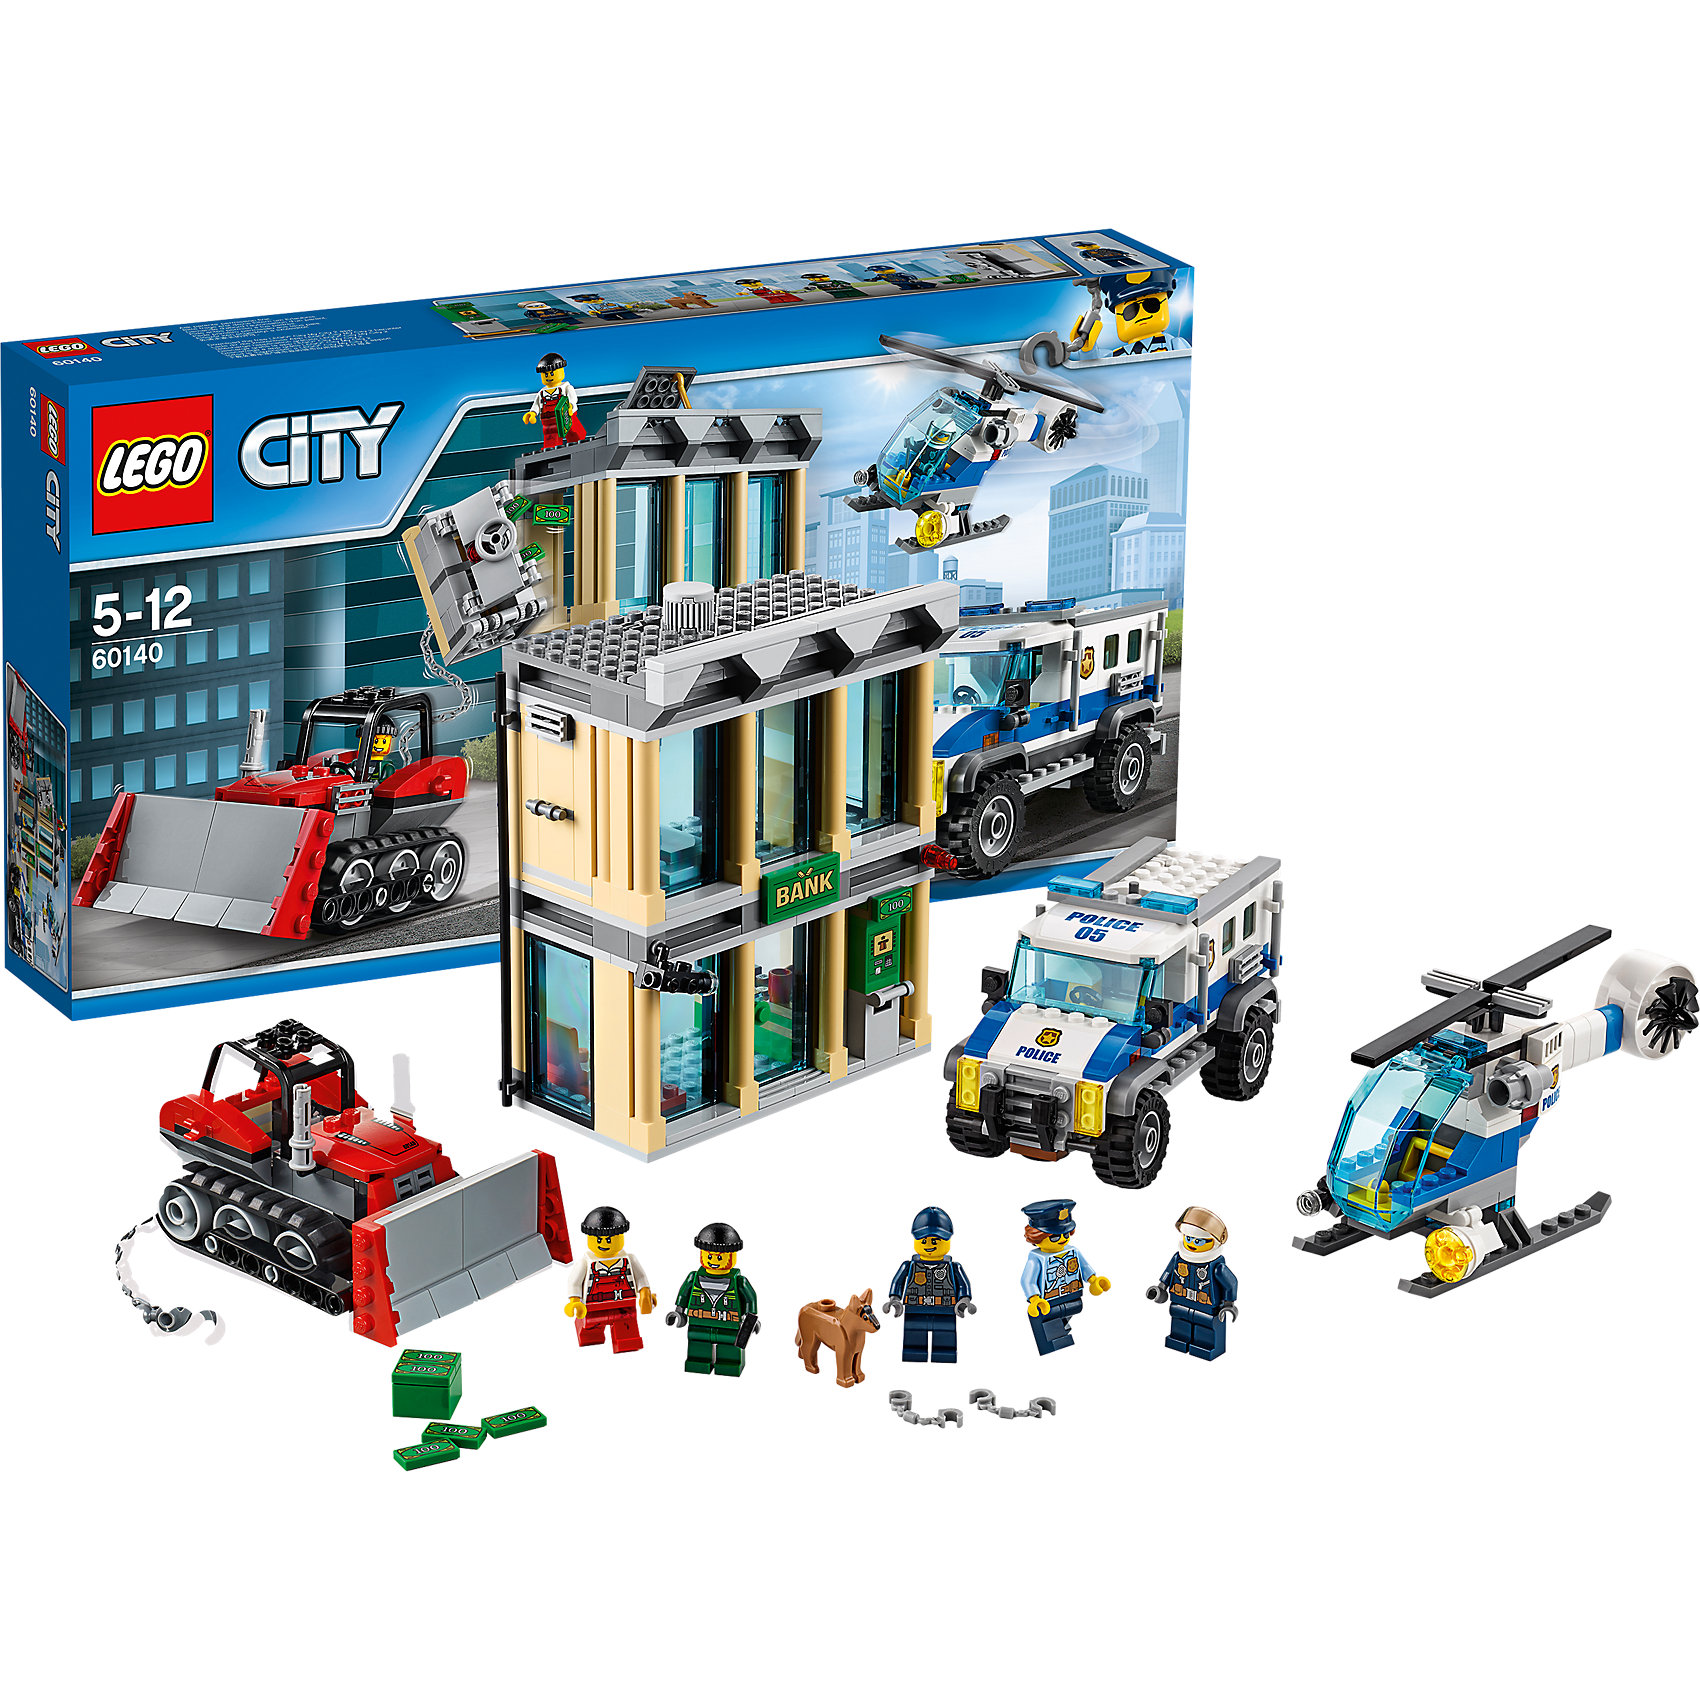 LEGO City 60140: Ограбление на бульдозереПластмассовые конструкторы<br>LEGO City 60140: Ограбление на бульдозере<br><br>Характеристики:<br><br>- в набор входит: банк, полицейский вертолет, полицейская машина, бульдозер, 5 фигурки людей, фигурка собаки, аксессуары, инструкция<br>- состав: пластик<br>- количество деталей: 561<br>- размер коробки: 28 * 7,5 * 54 см.<br>- размер банка: 16 * 6 * 13 см.<br>- вес: 1 100 гр.<br>- для детей в возрасте: от 5 до 12 лет<br>- Страна производитель: Дания/Китай/Чехия<br><br>Легендарный конструктор LEGO (ЛЕГО) представляет серию «City» (Сити) в виде деталей жизни большого города, в котором есть абсолютно все. Серия делает игры еще более настоящими, благодаря отличным аксессуарам. Стражи закона Лего Сити всегда готовы прийти на помощь жителям города. Двухэтажное здание банка со всем необходимым оборудованием, банкоматом и камерой наблюдения передало сигнал об ограблении в полицейский участок. Два грабителя на бульдозере ворвались и похитили деньги из банка. Два патрульных полицейских и собака вооружились наручниками и отправились на вызов. С воздуха патруль прикрывает полицейский вертолет. Все три транспортных средства из этого набора оснащенными движущимися деталями, которые будут отлично смотреться как на моделях их набора, так и на самодельных частях. Этот большой набор отлично подойдет как новичкам Лего, так и преданным фанатам и коллекционерам серии. Предотврати ограбление и помоги полицейским добиться справедливости. Моделируй разные истории и ситуации в Лего Сити!<br><br>Конструктор  LEGO City 60140: Ограбление на бульдозере можно купить в нашем интернет-магазине.<br><br>Ширина мм: 541<br>Глубина мм: 284<br>Высота мм: 86<br>Вес г: 1166<br>Возраст от месяцев: 60<br>Возраст до месяцев: 144<br>Пол: Мужской<br>Возраст: Детский<br>SKU: 5002542